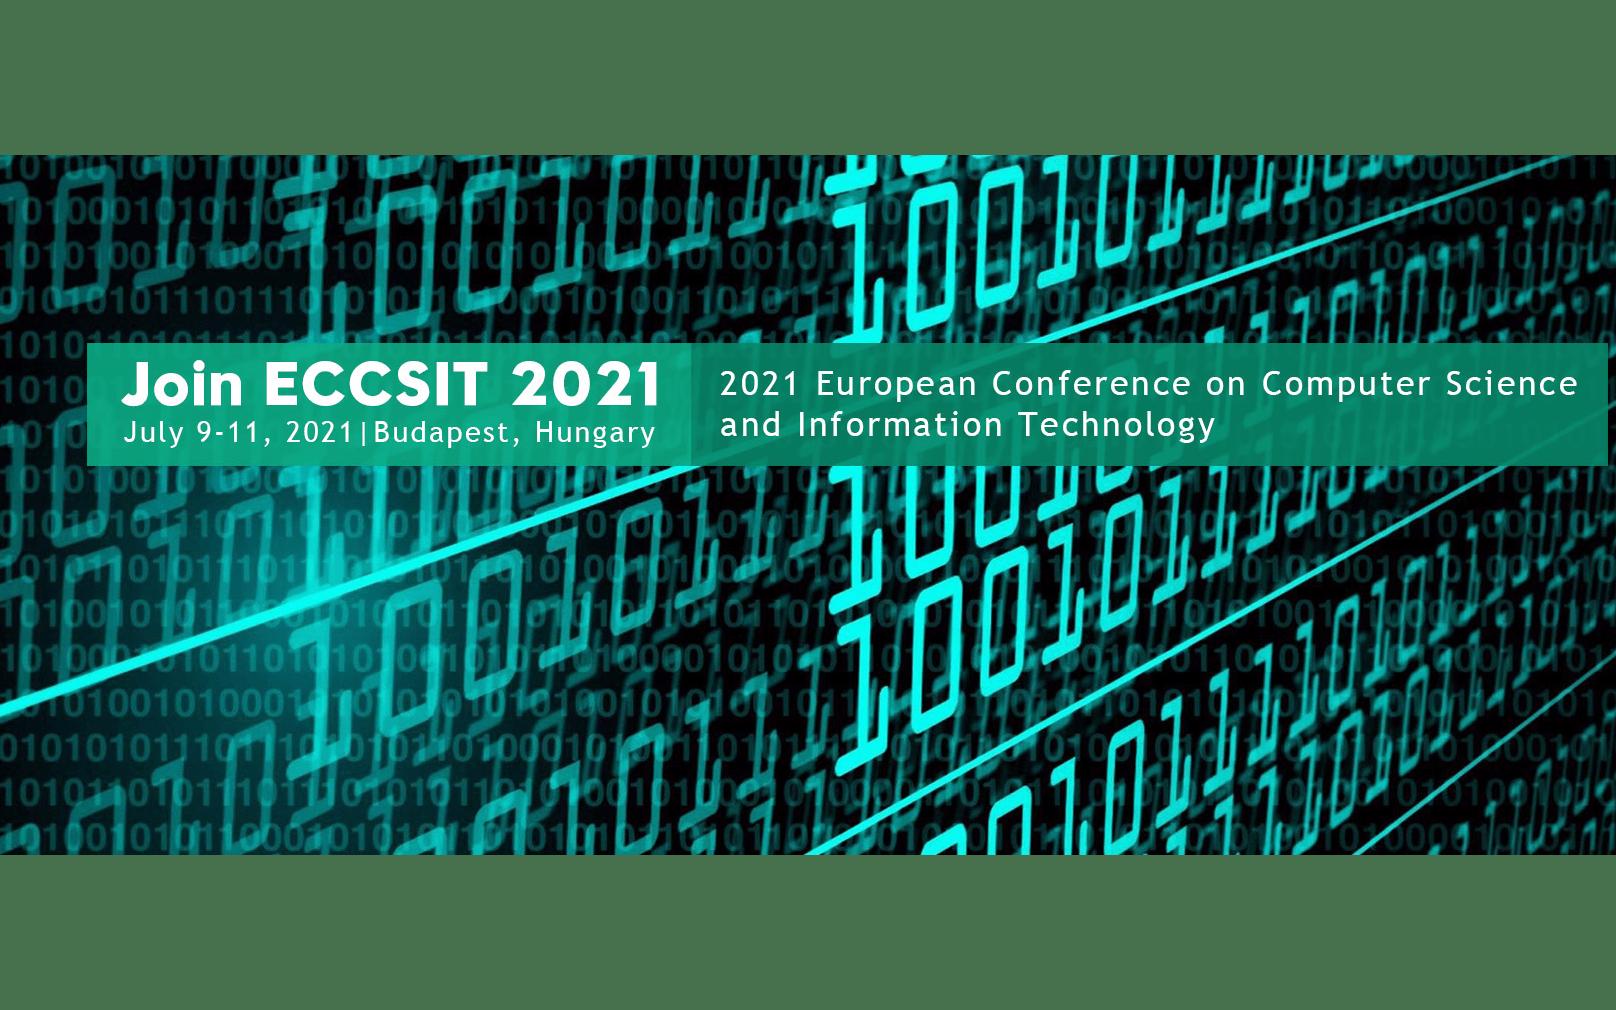 【EI检索会议】2021年欧洲计算机科学与信息技术会议(ECCSIT 2021)